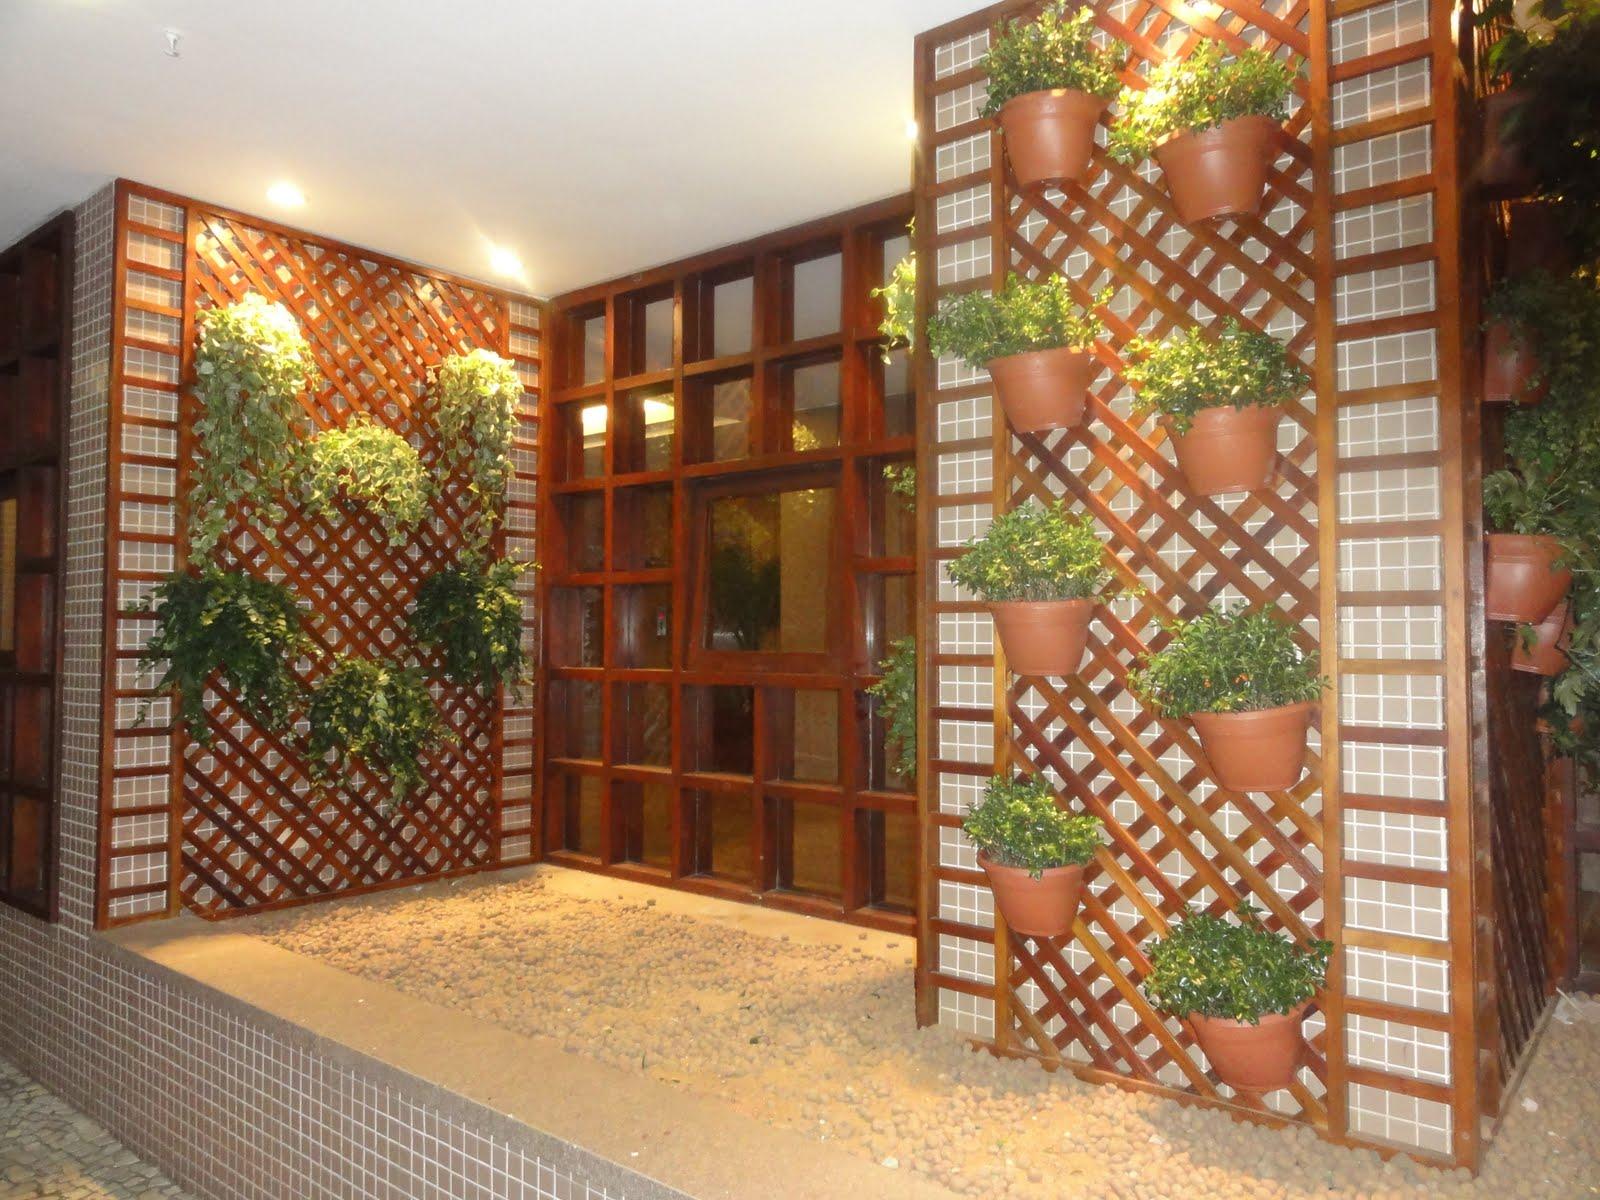 jardim vertical sacada: para ninguém deixar de ter um jardim em casa o jardim vertical pode